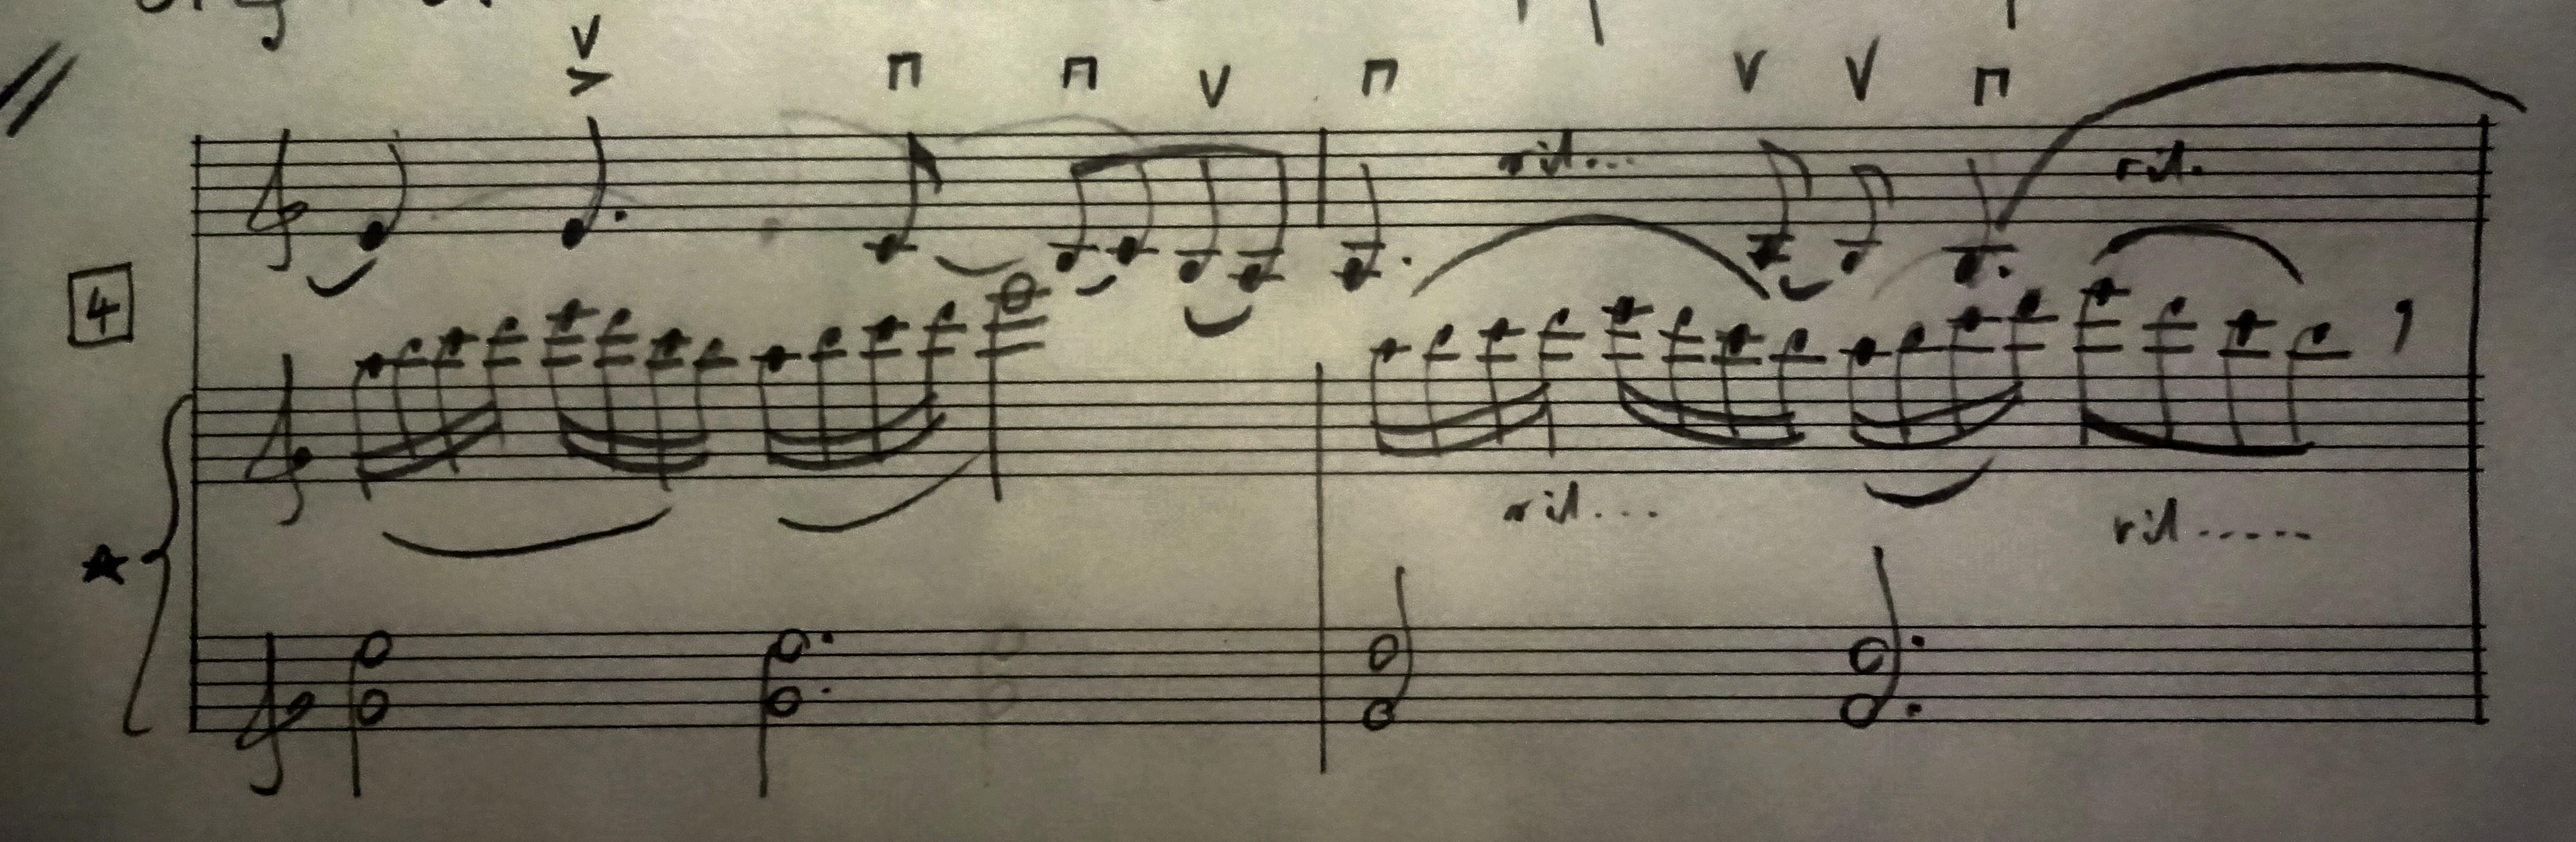 04 [95c] Music score of Violin and Piano 95c DSC00821